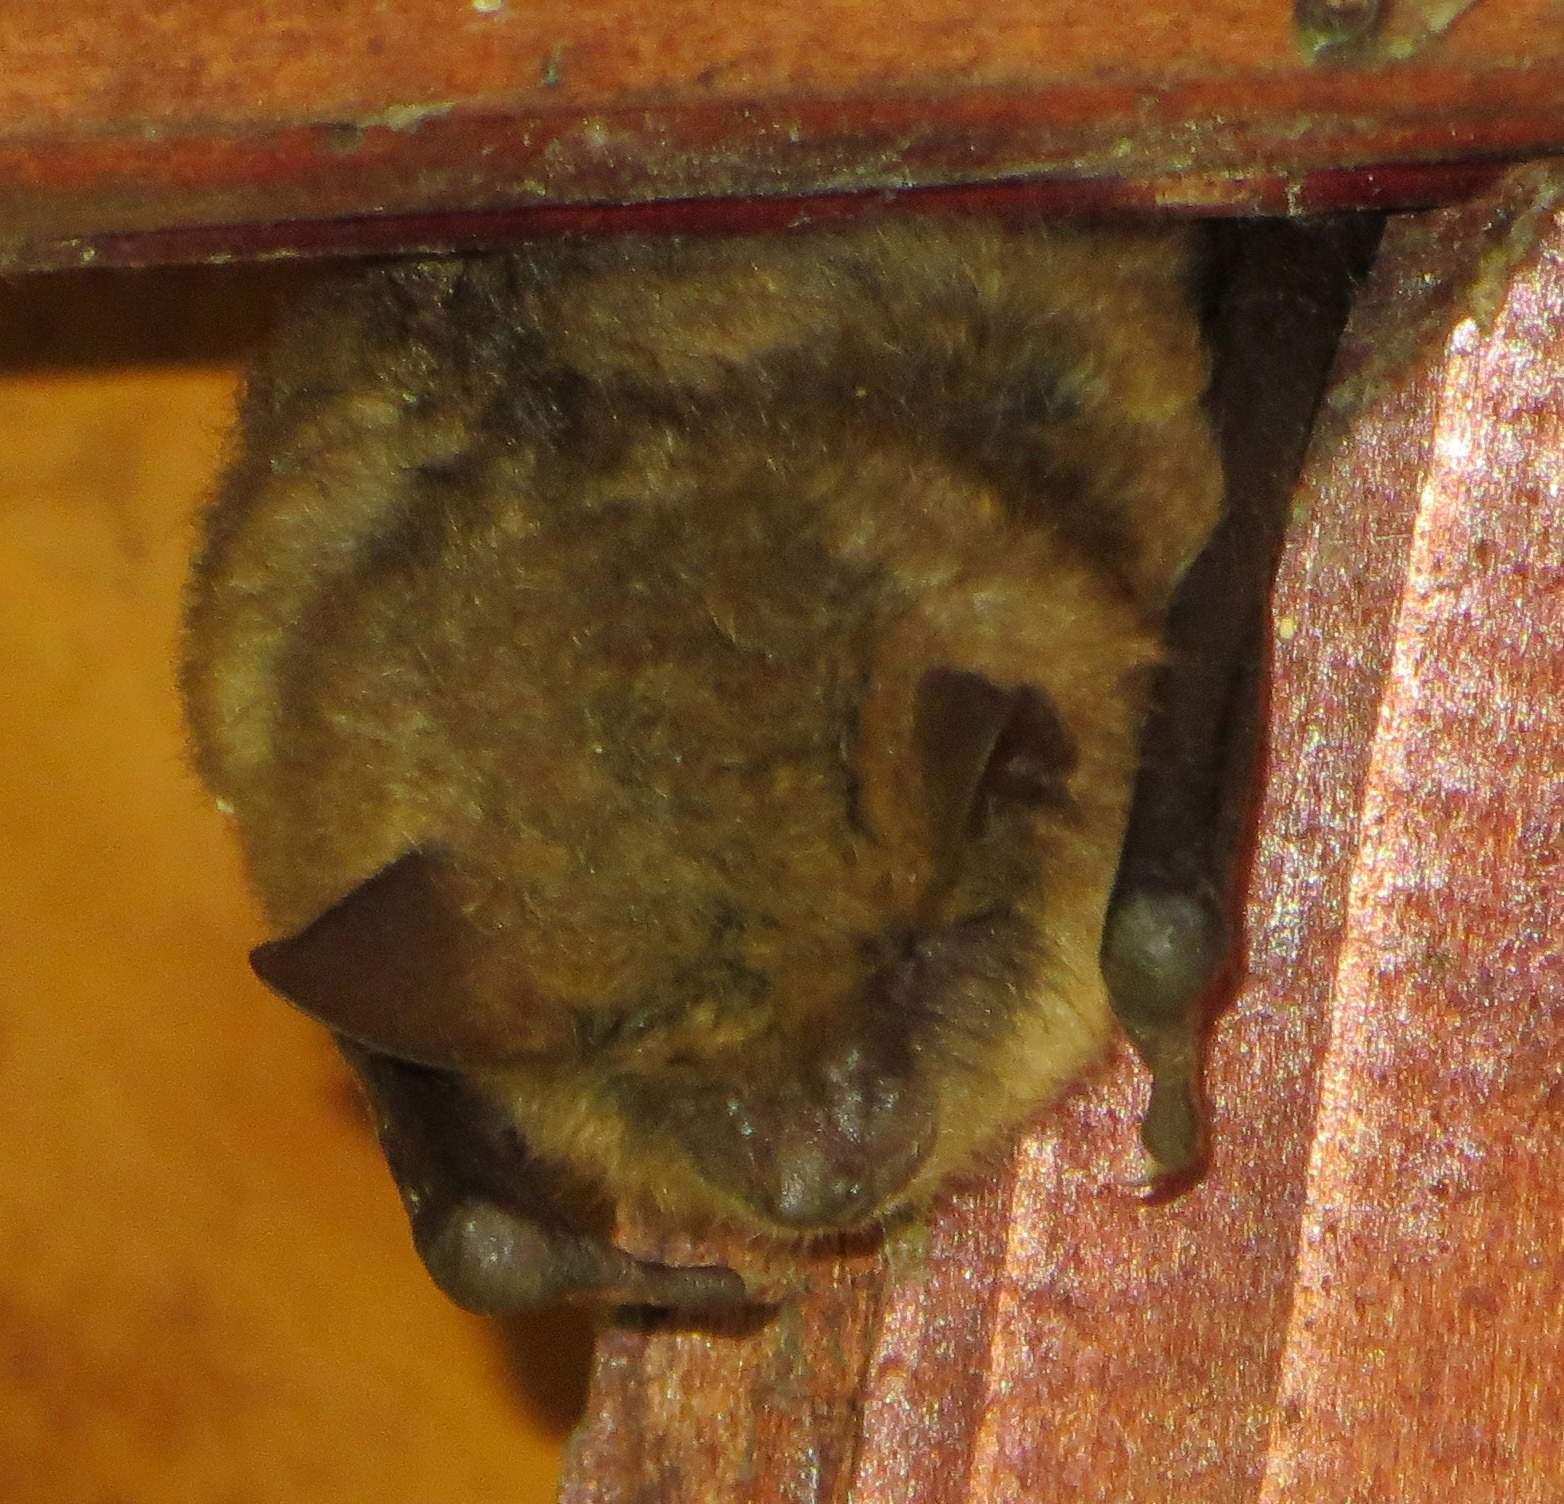 Pepa ve špici dřevěného krovu spí.